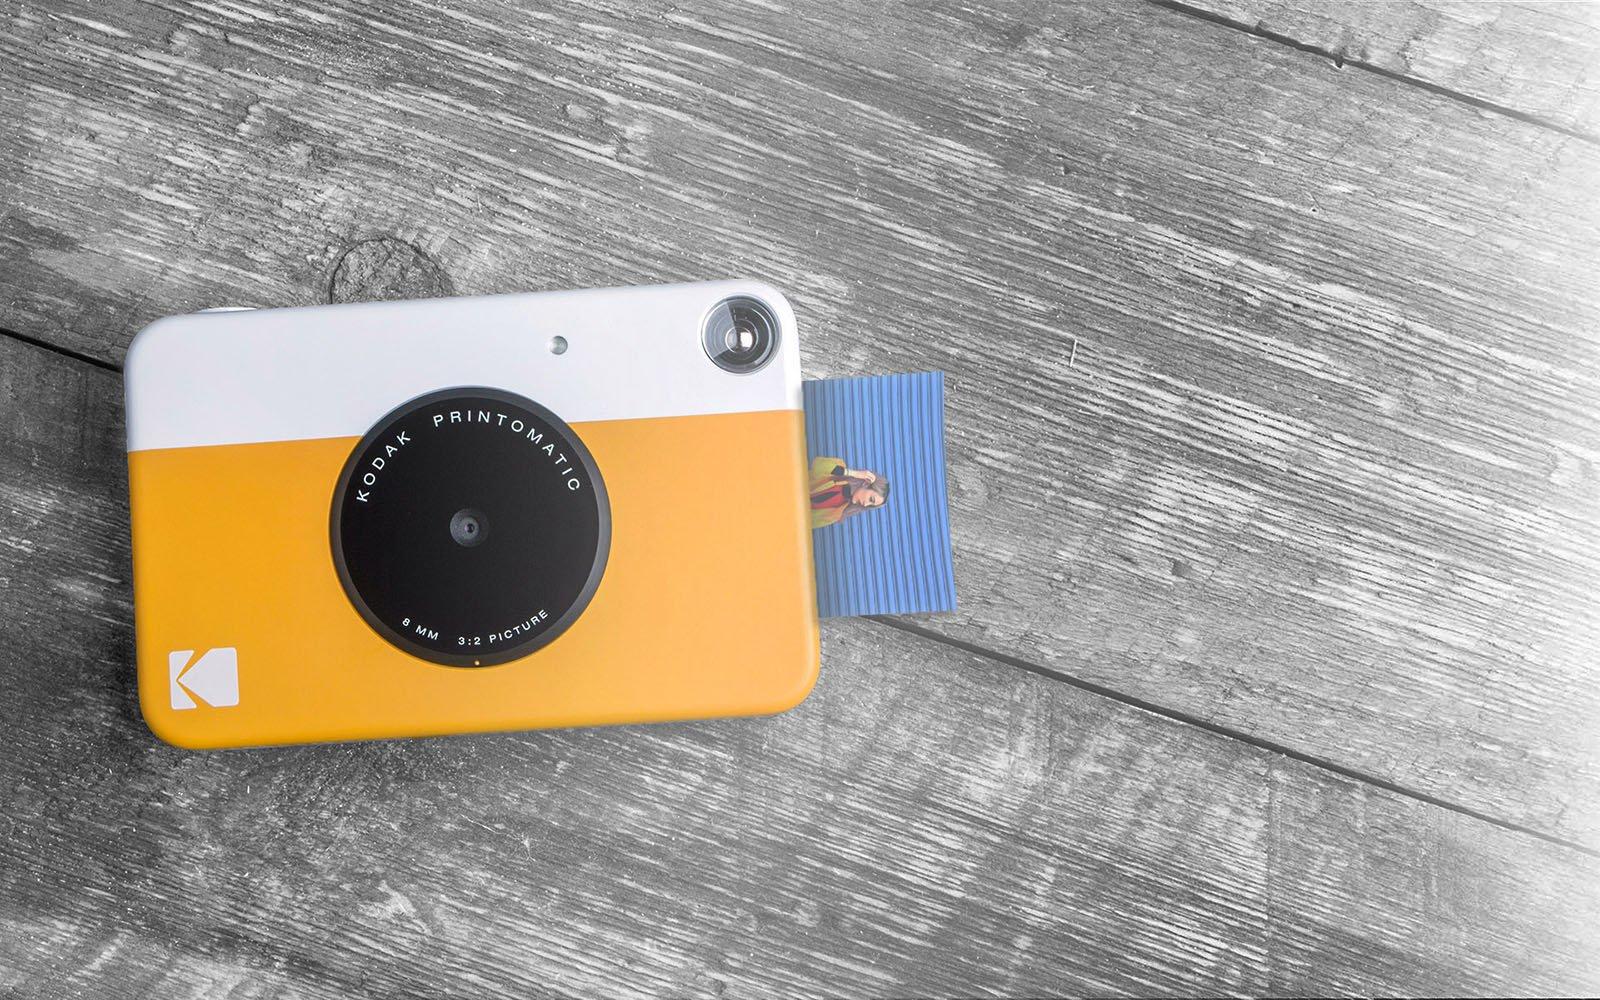 Kodak Printomatic : un appareil photo à la fois instantané et numérique